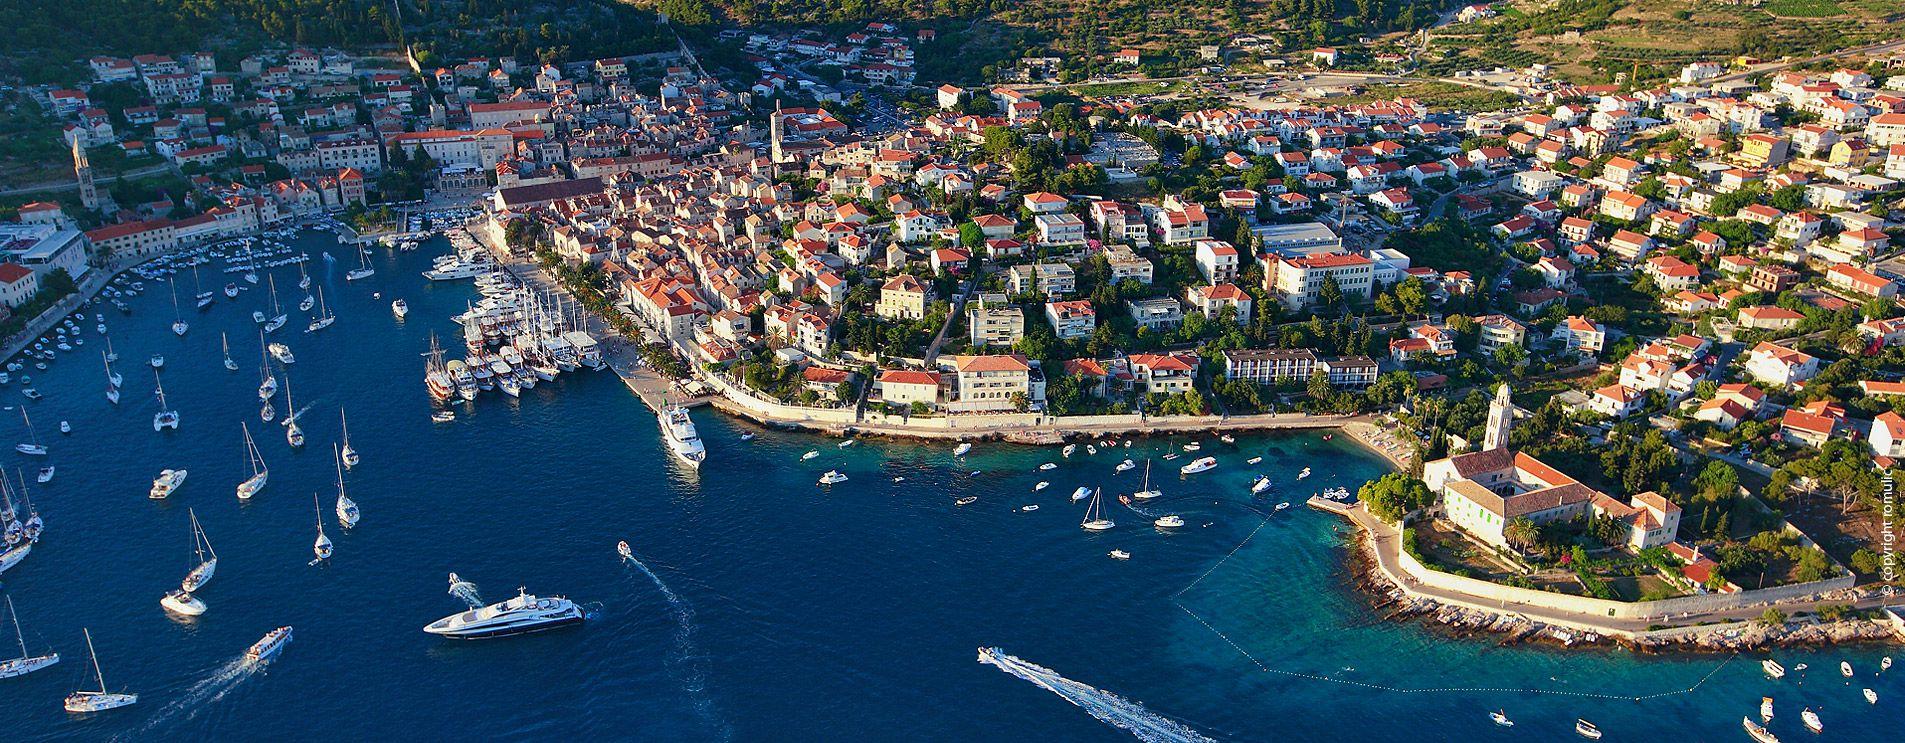 جزيرة هفار كرواتيا  جزيرة هفار كرواتيا  جزيرة هفار كرواتيا